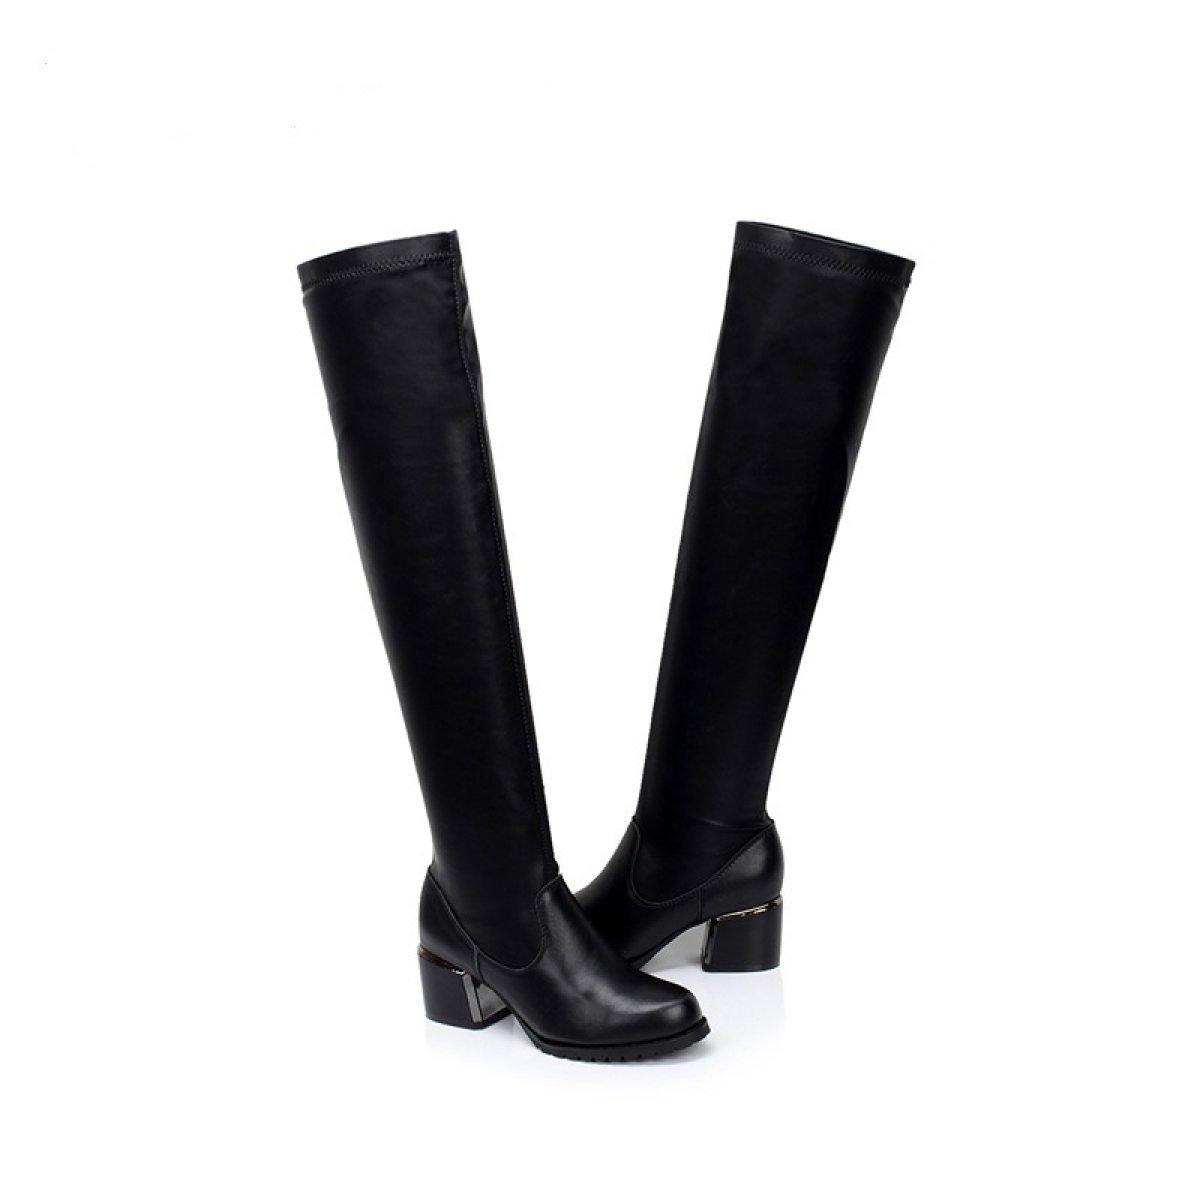 Kniestiefel Leder Stretch Kniestiefel Rau Mit Seitlicher High Heel Seitlicher Mit Reißverschluss Stiefel Fashion Stiefel ea13fd